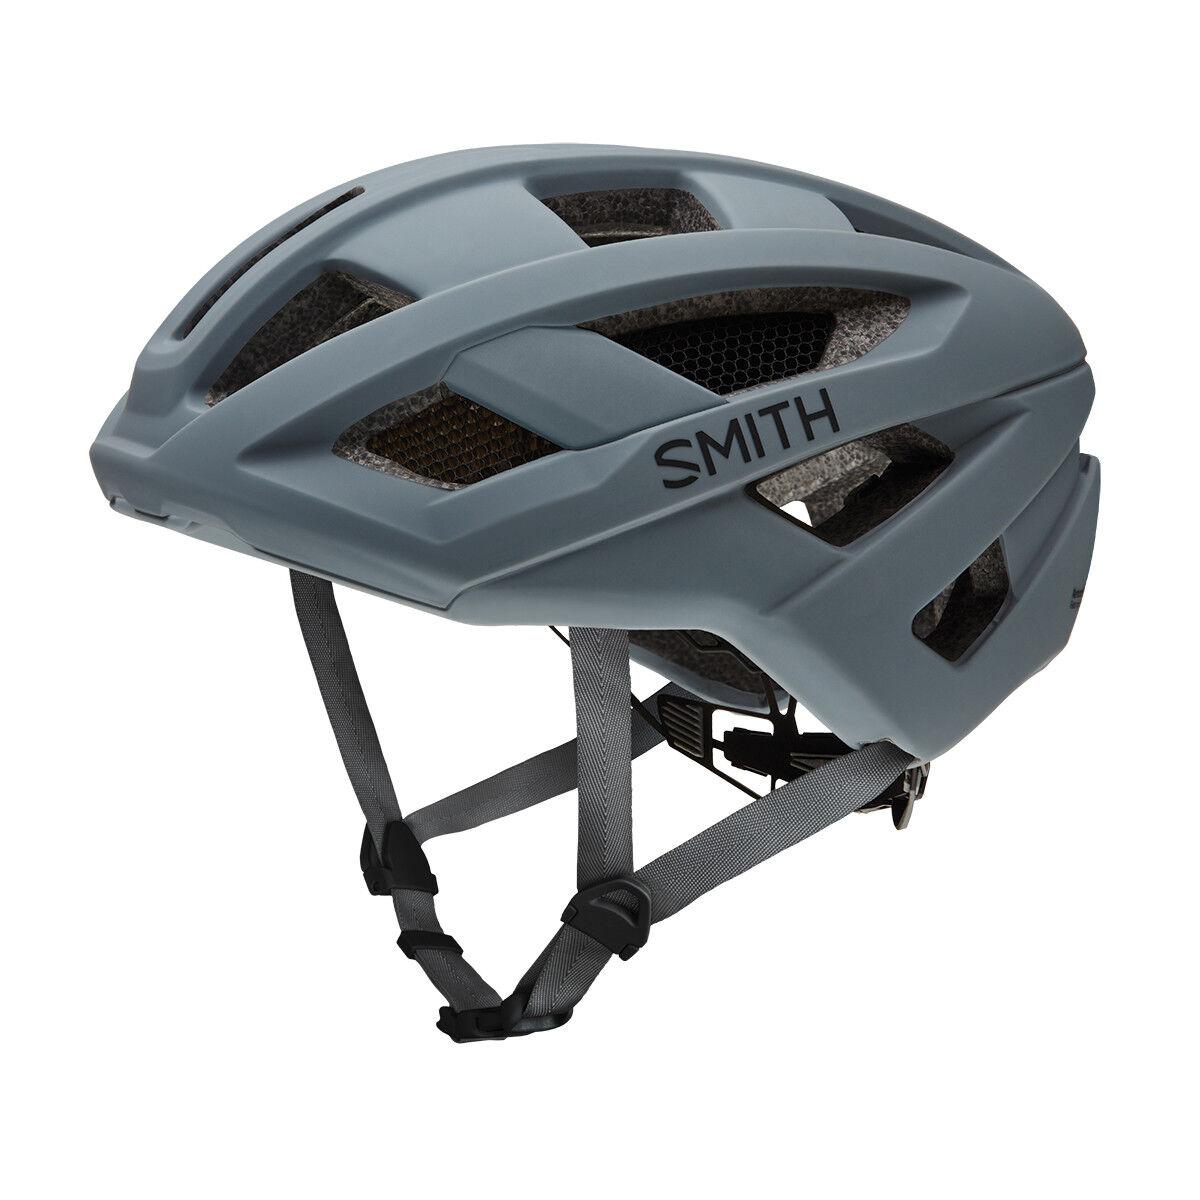 Smith Route Mips Cicislmo da Strada Caschetto da Ciclista Opaca autobone S M L